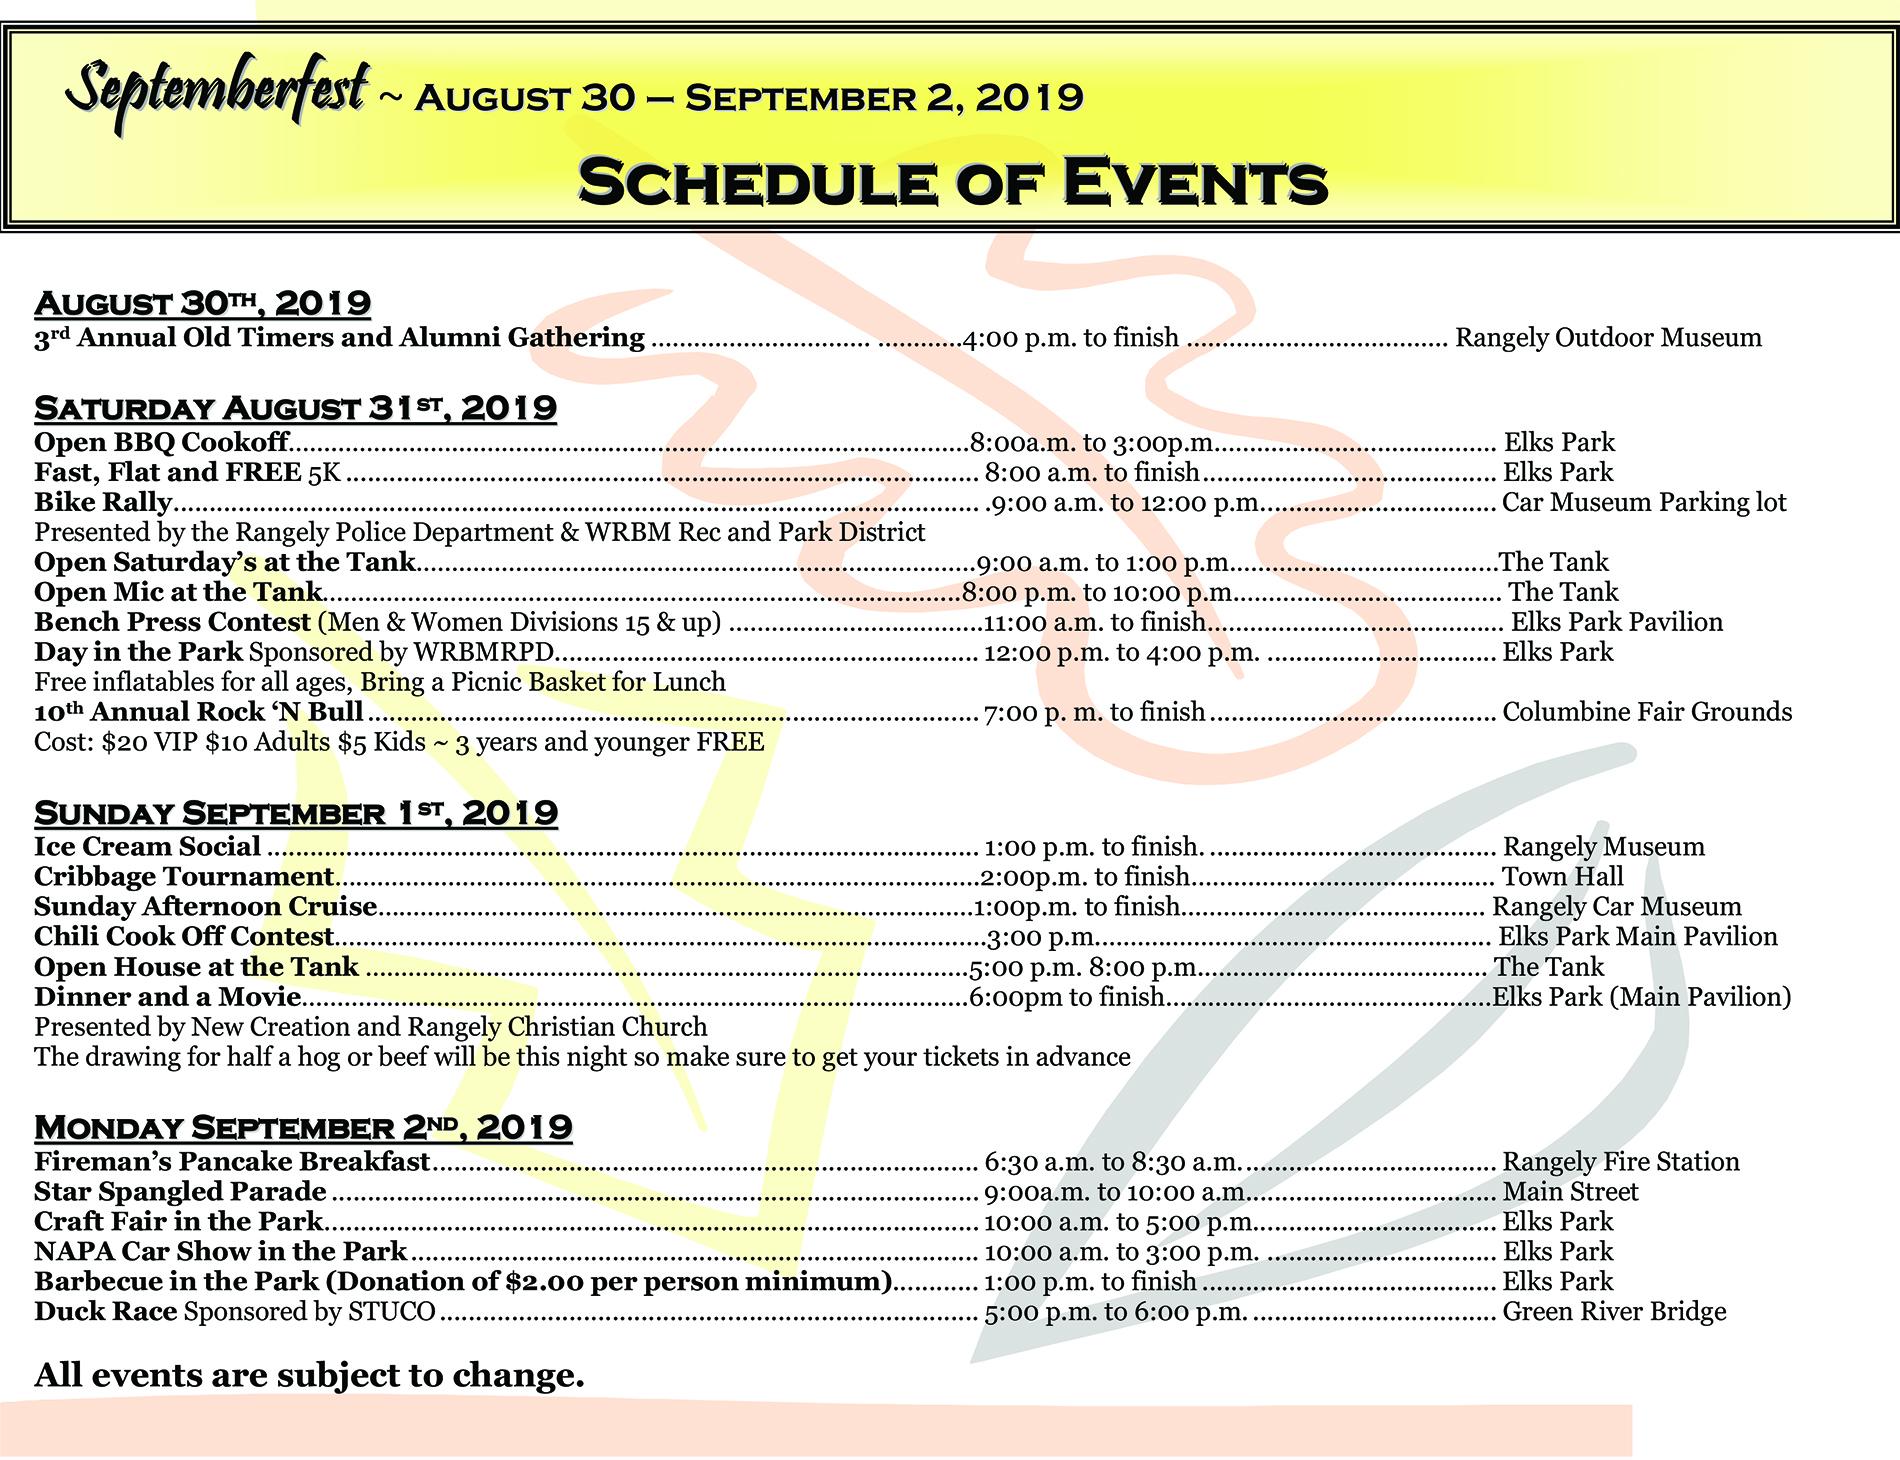 September-Fest-flyer-2019-2.jpg